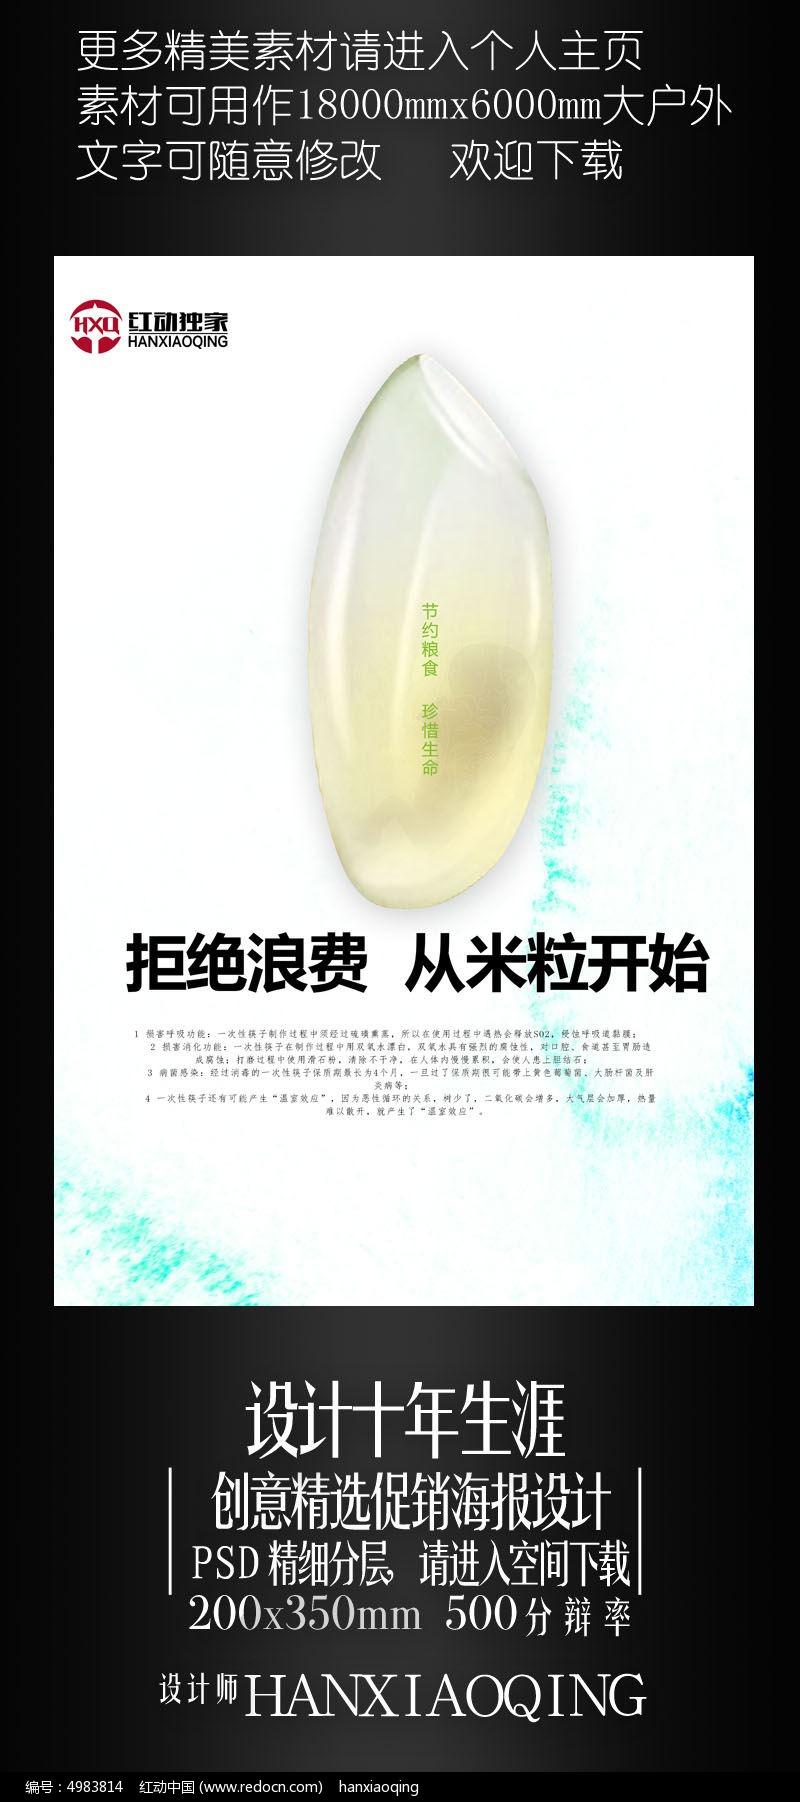 拒绝消费从米粒开始节约粮食公益海报设计图片